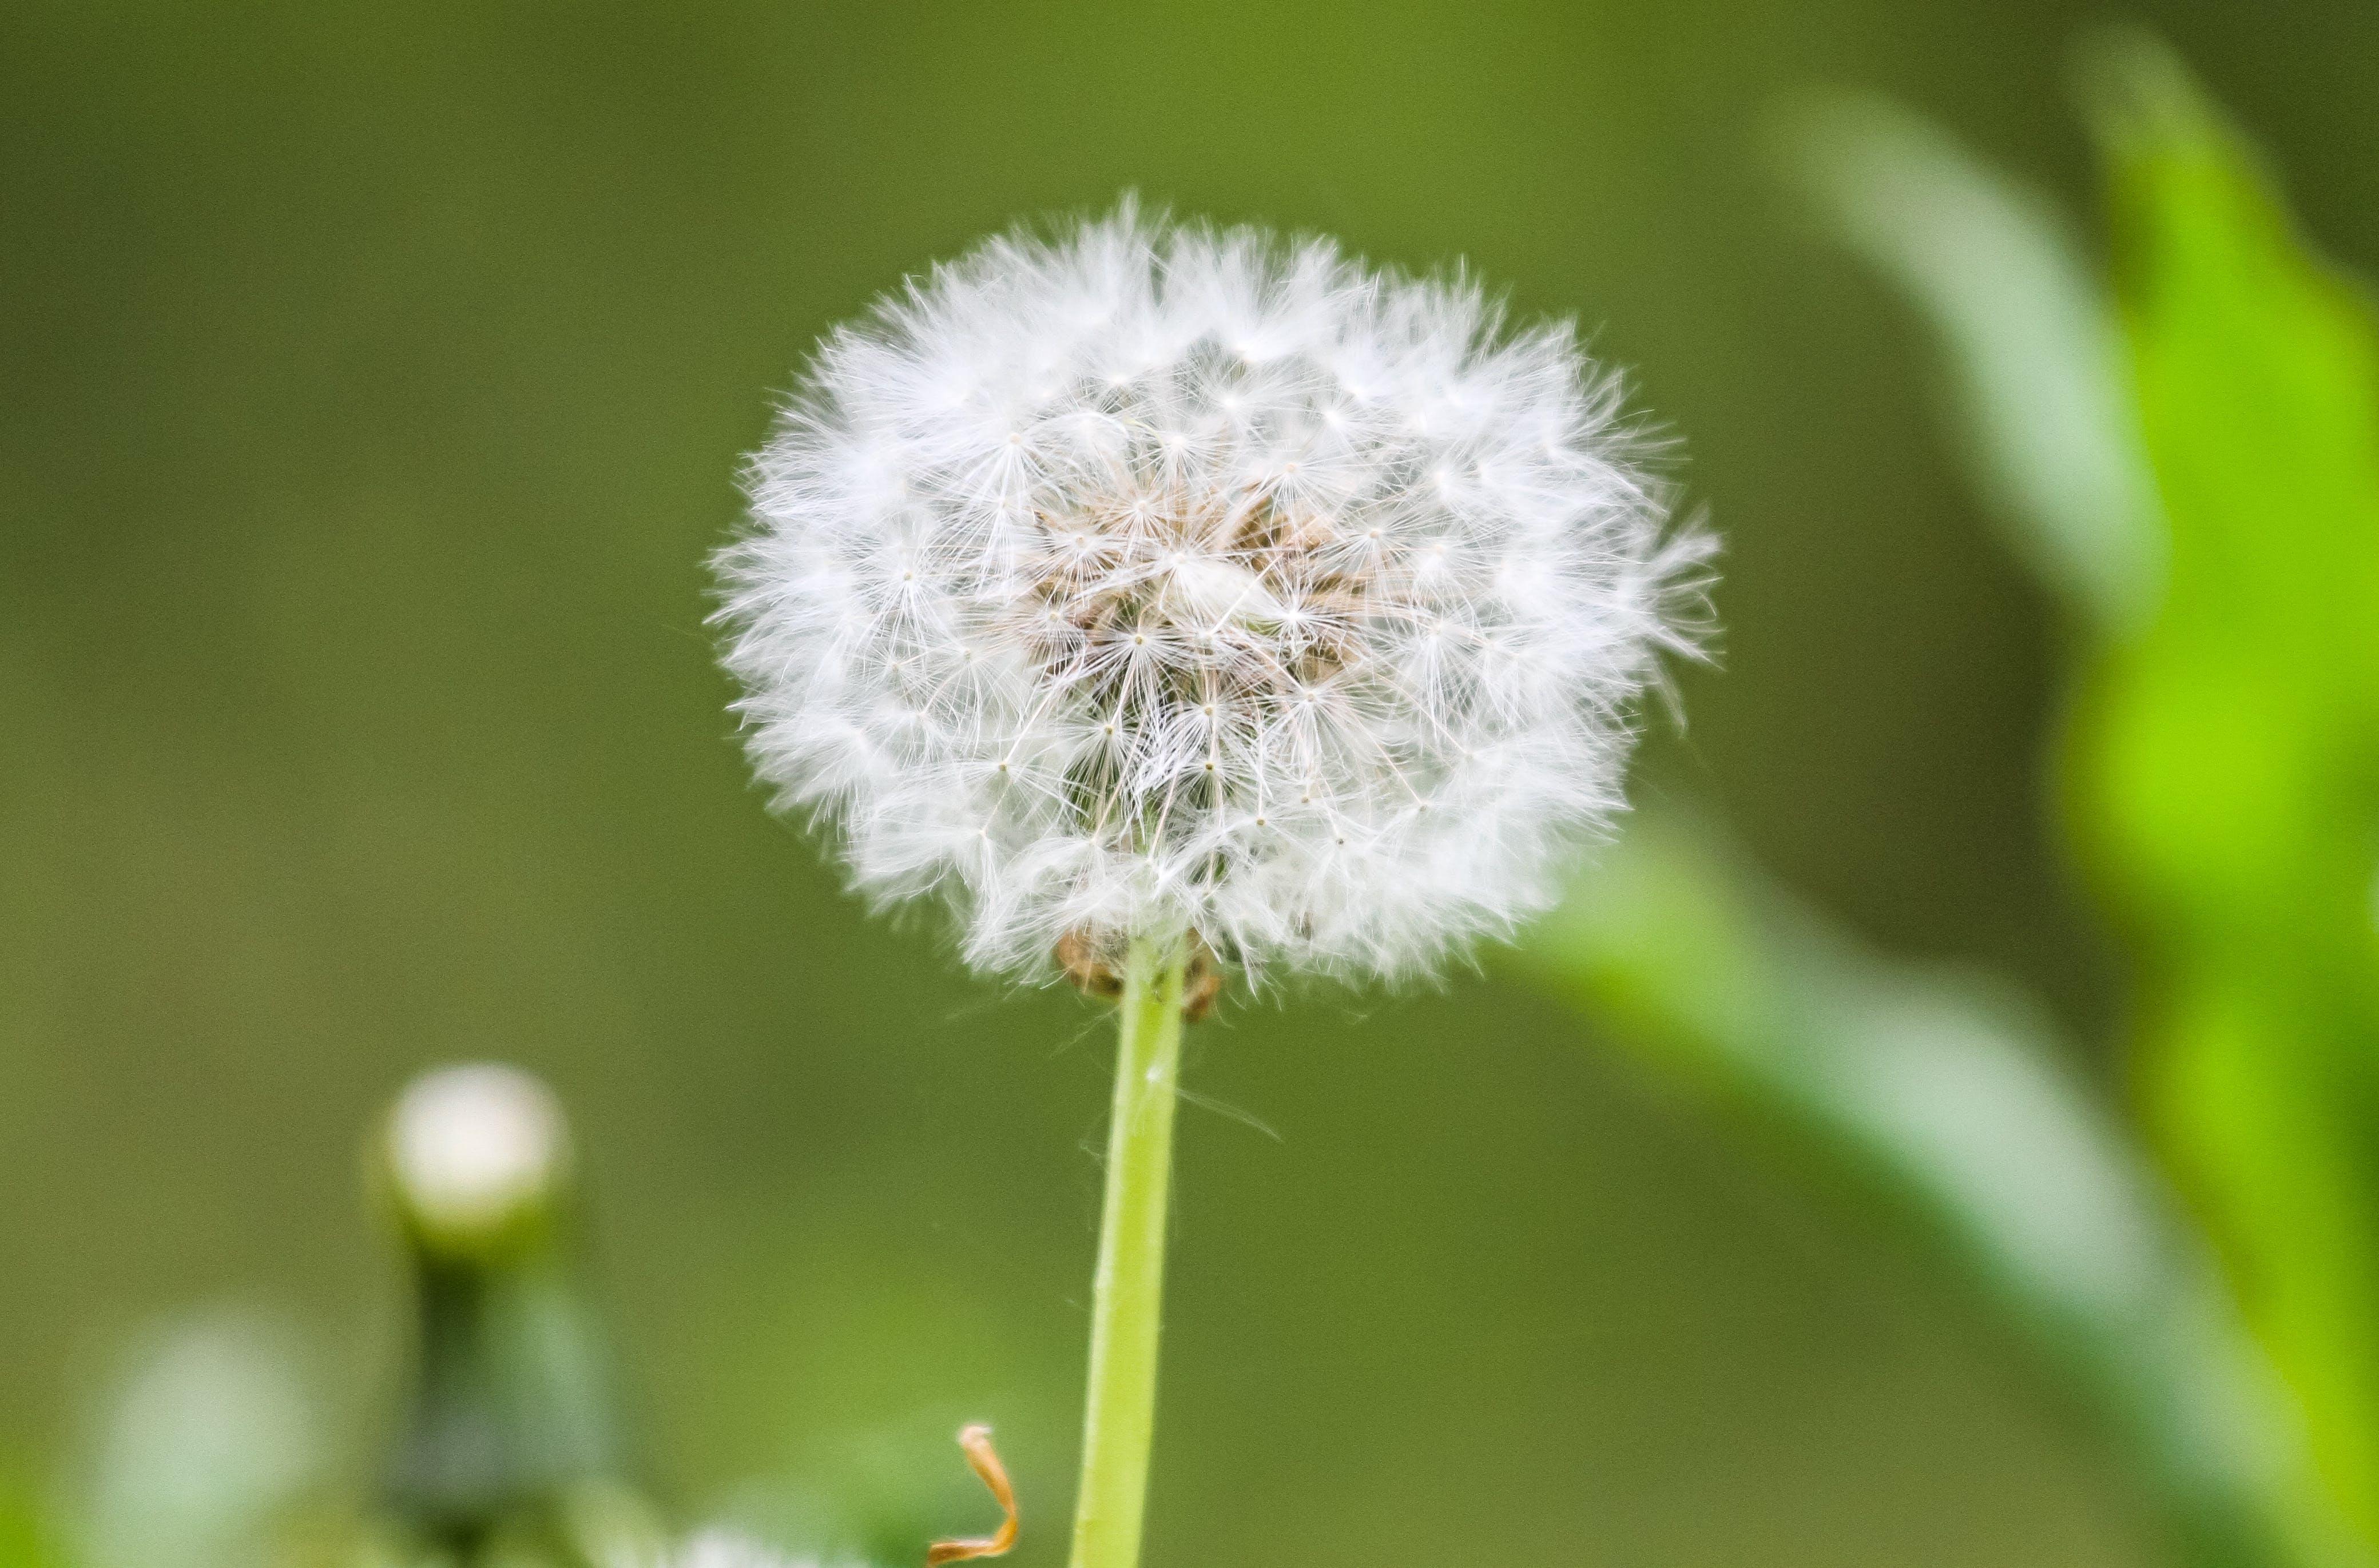 Free stock photo of dandelion